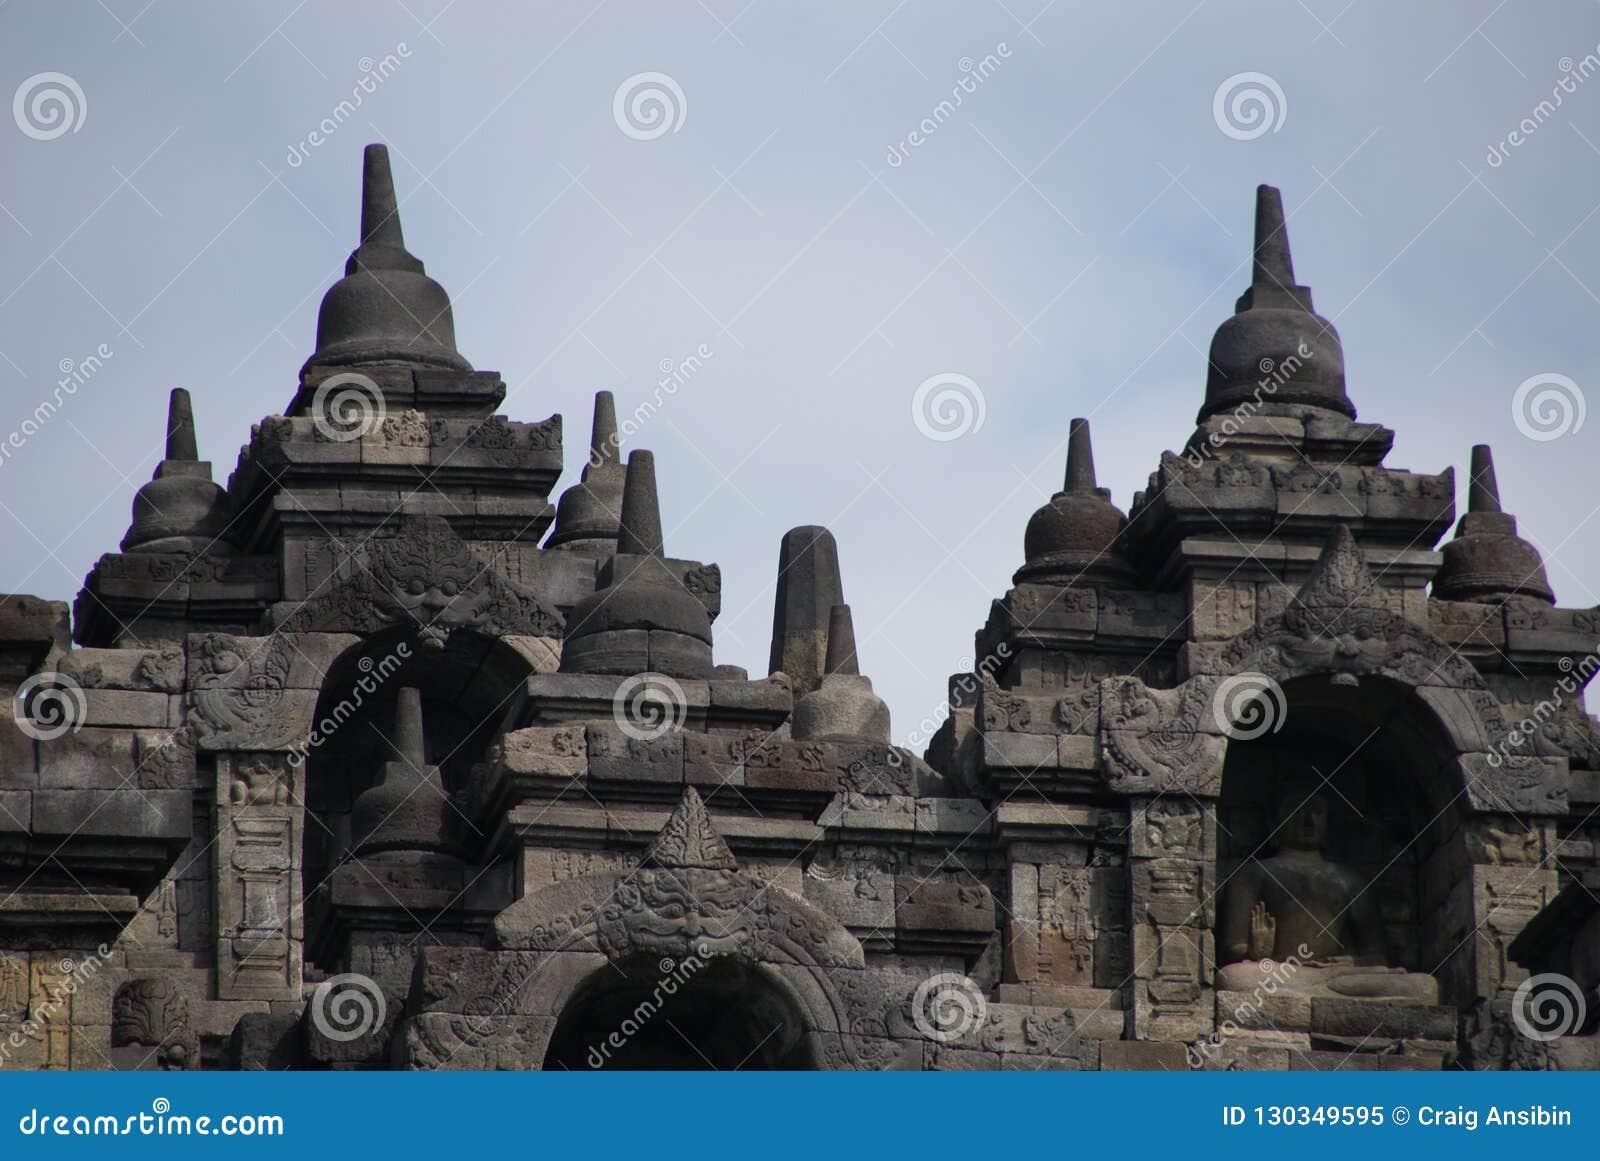 Bild des Sitzens von Buddha in Borobudur-Tempel, Jogjakarta, Indonesien